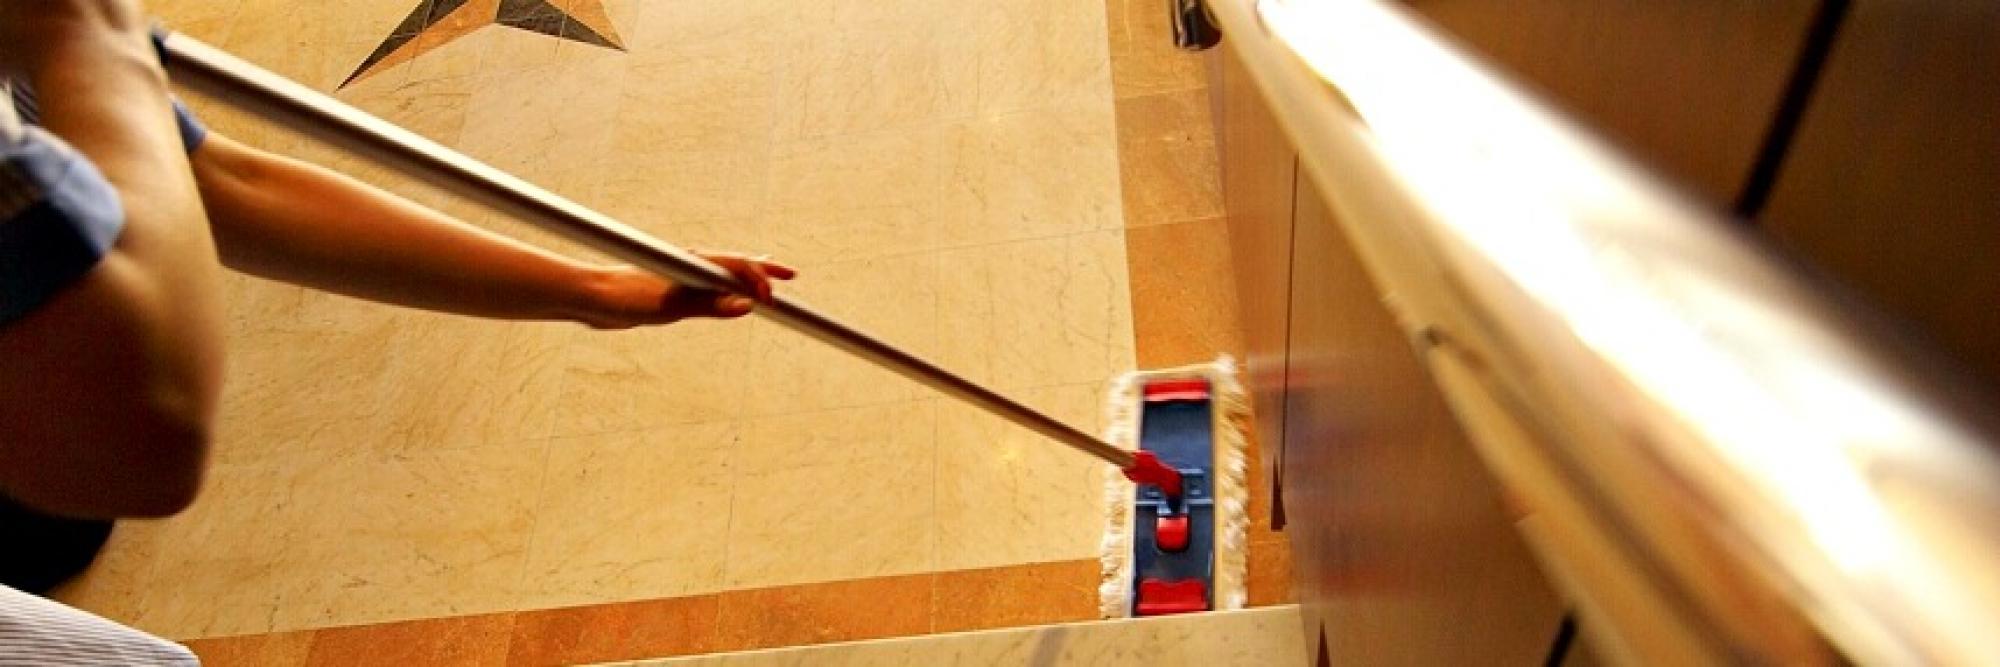 nettoyage professionnel des immeubles et coproprietes